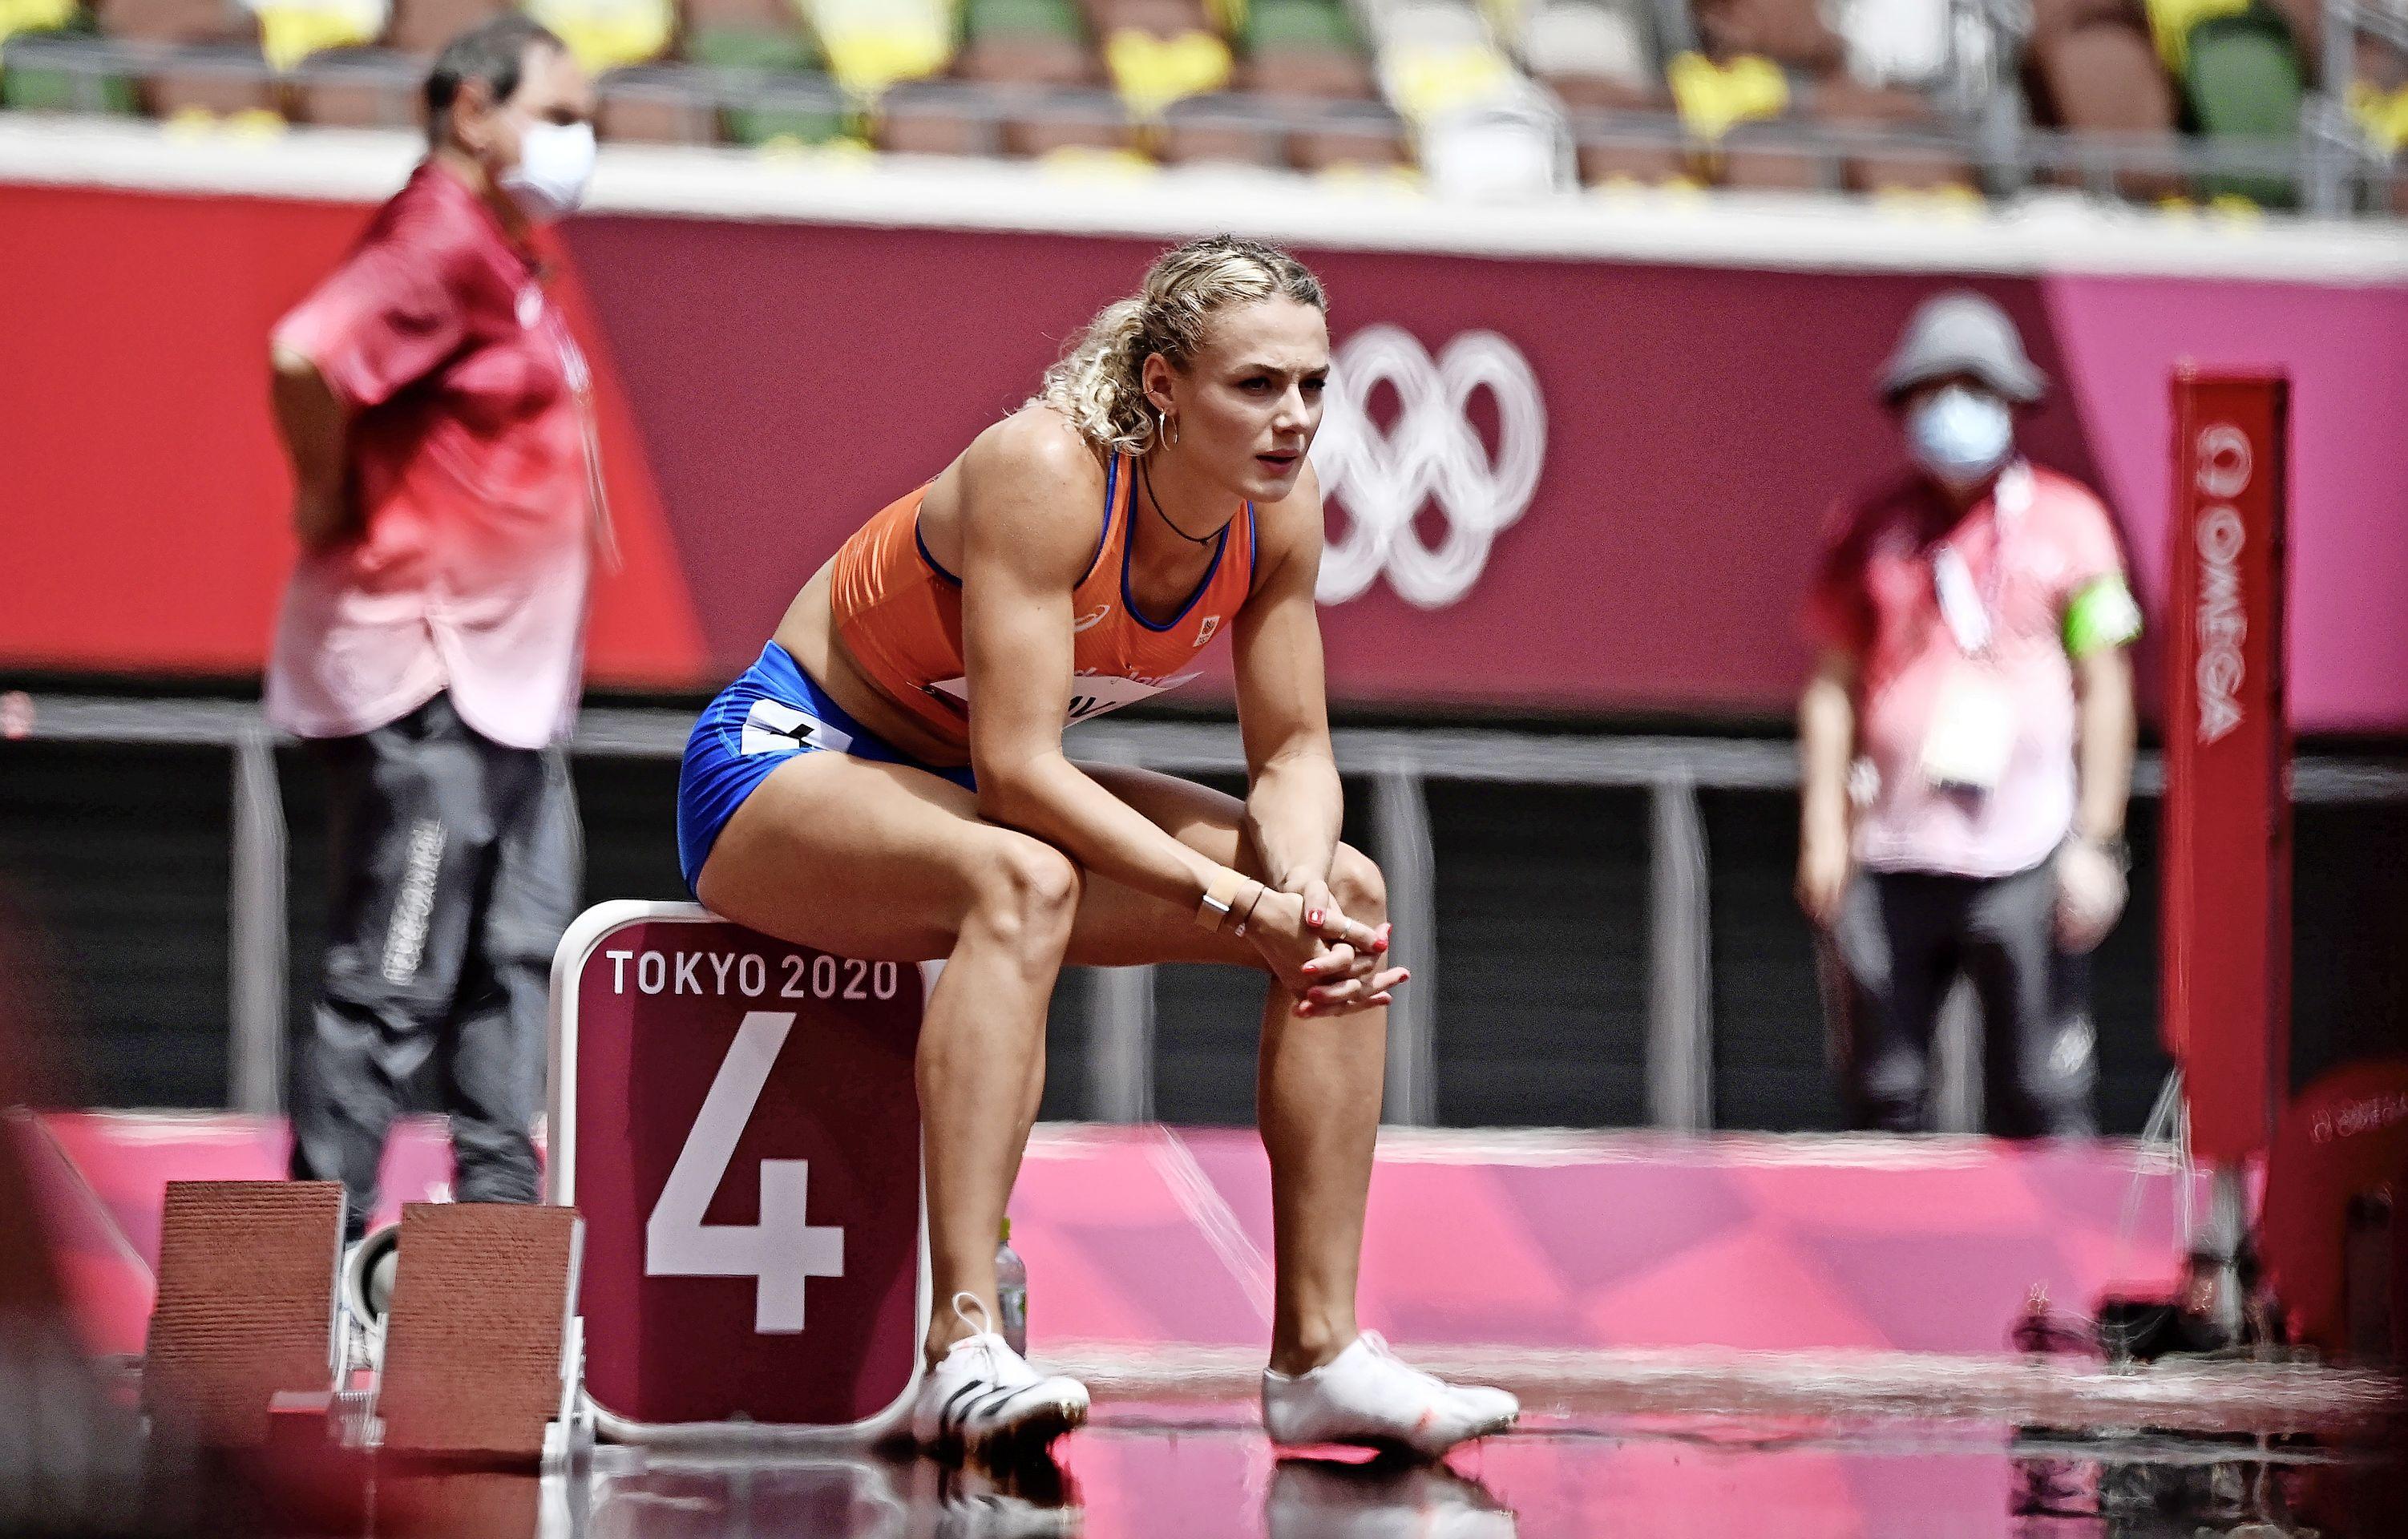 Atlete Klaver: 'Tokio lijkt wel een stoomcabine'